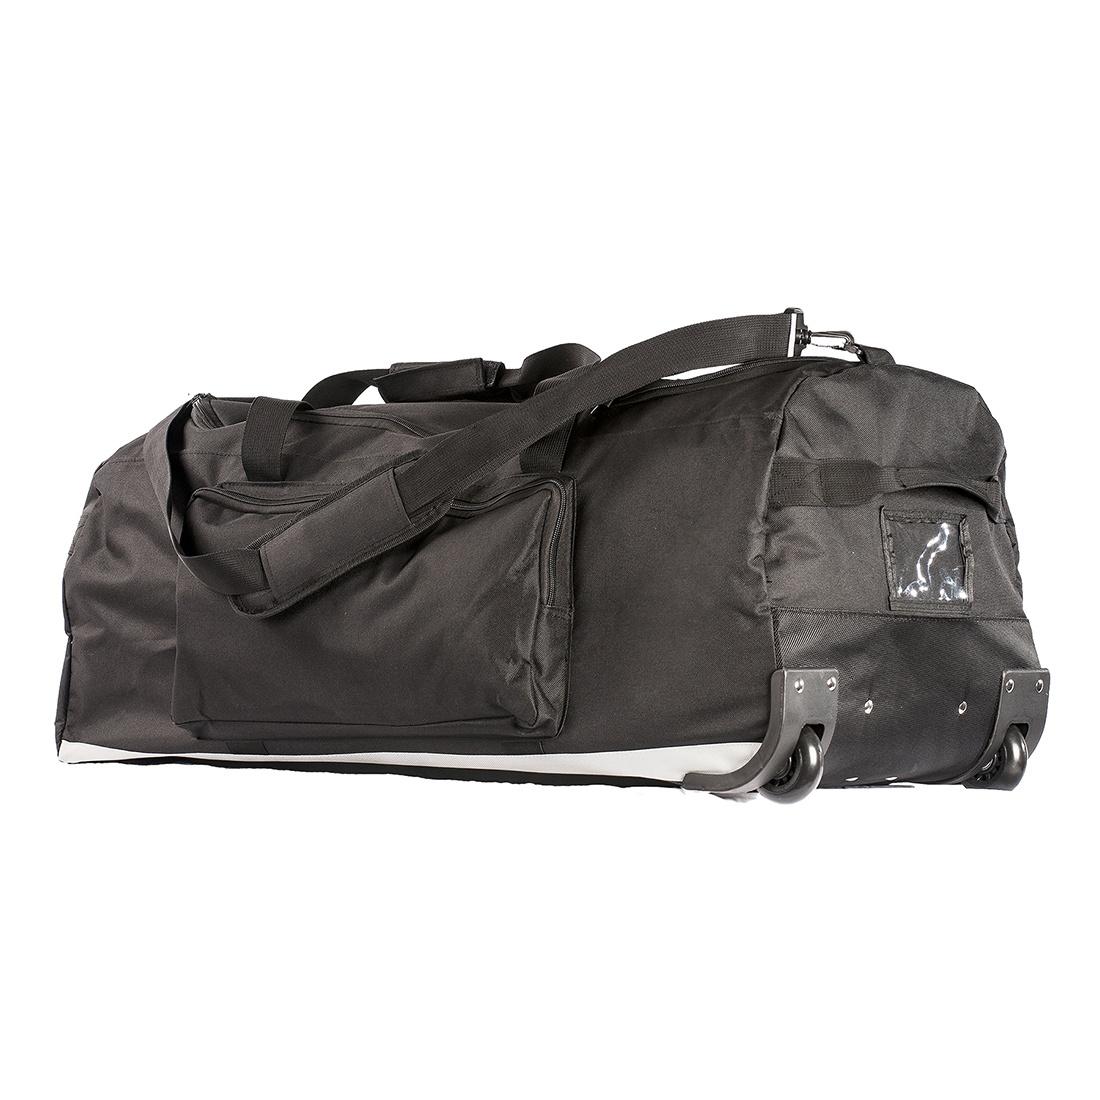 Portwest Travel Trolley Bag